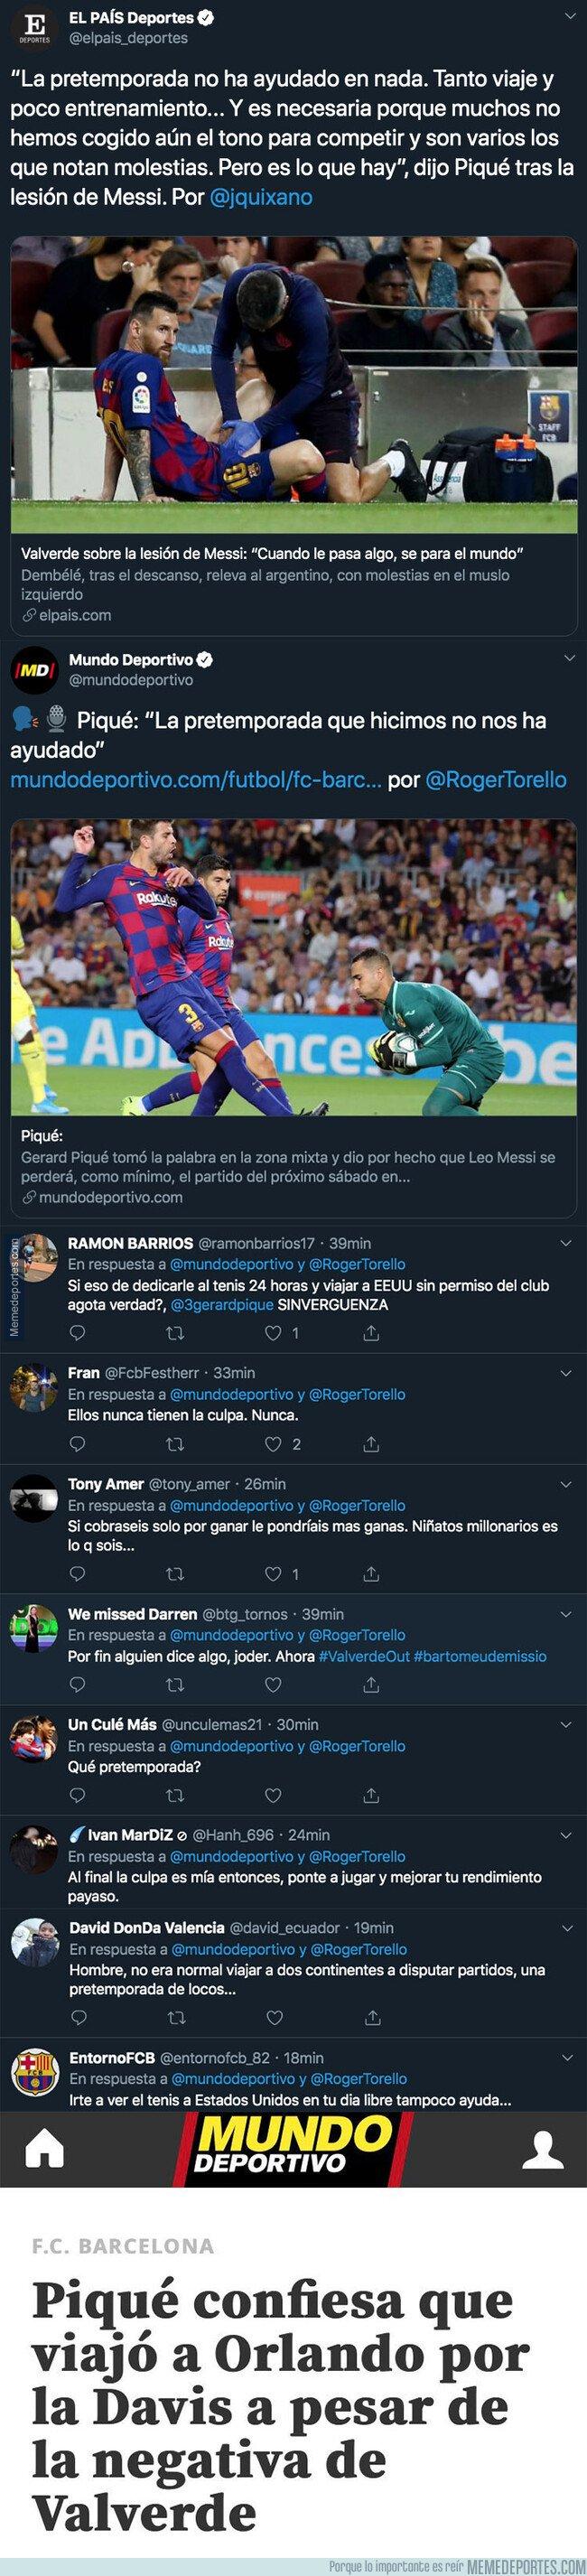 1086739 - El doble rasero increíble que practica Gerard Piqué mientras critica la mala pretemporada del Barça que le deja en evidencia